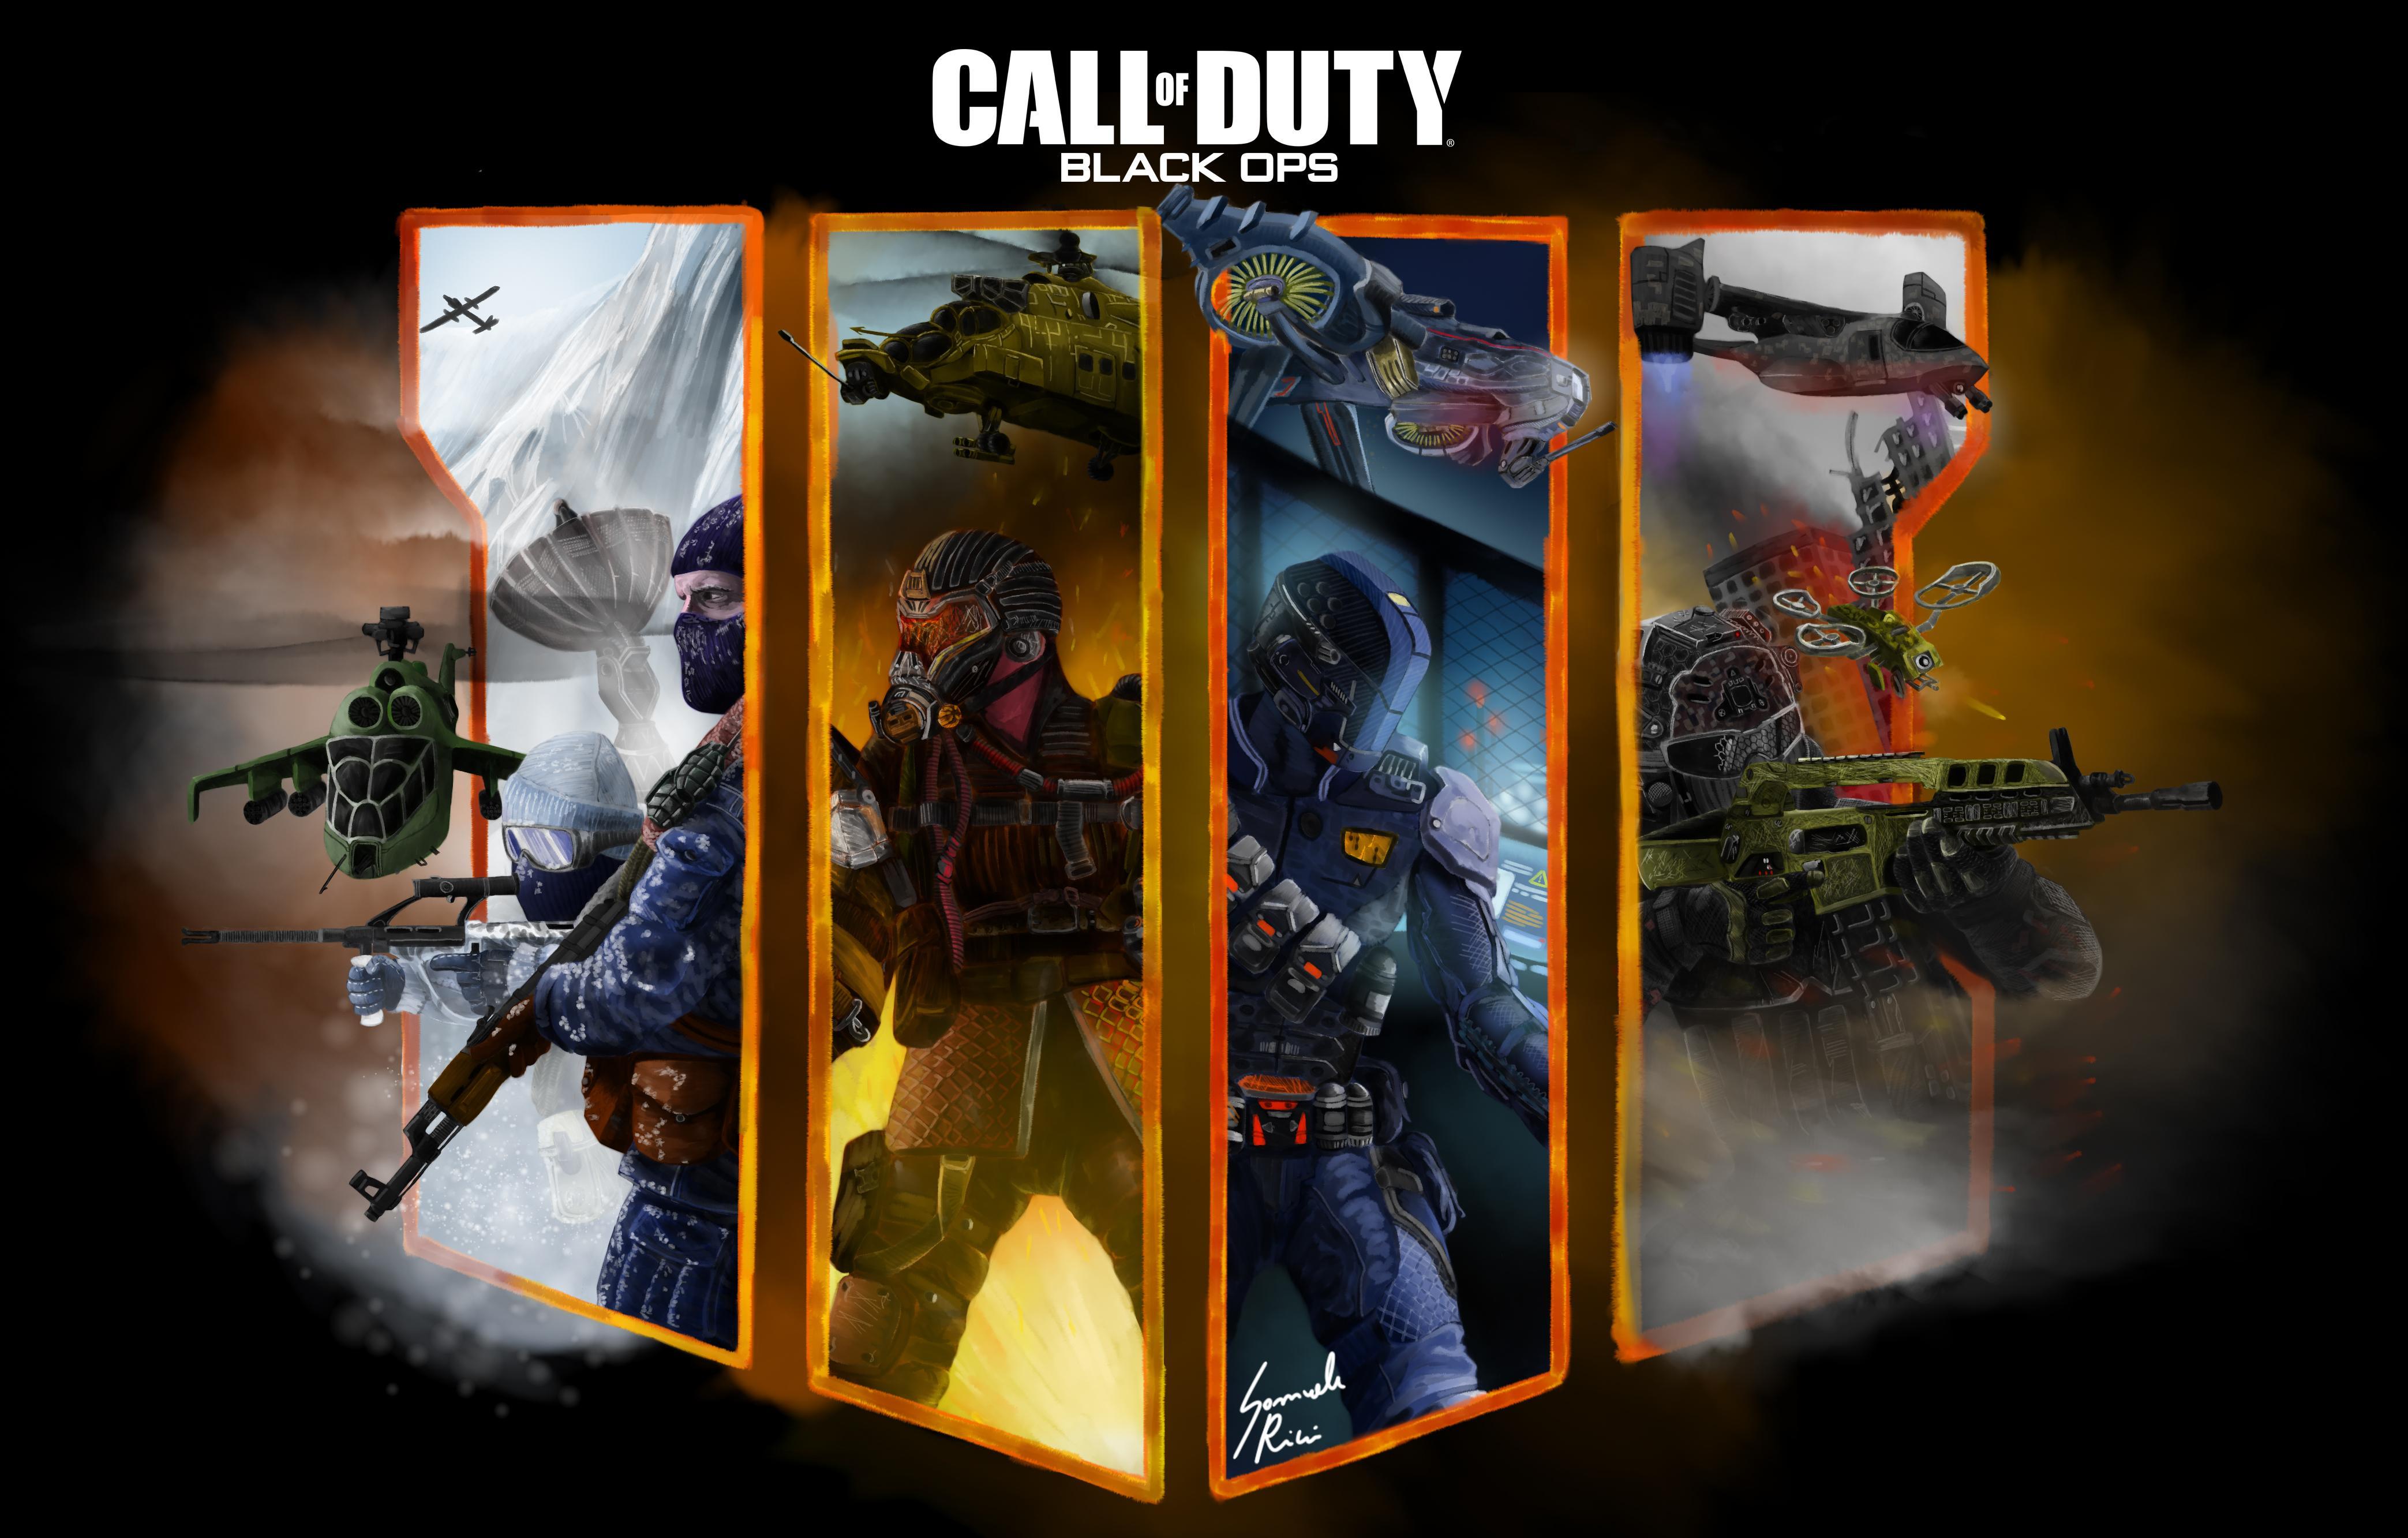 Call Of Duty Black Ops 4 Fan Art 4k Hd Games 4k Wallpapers